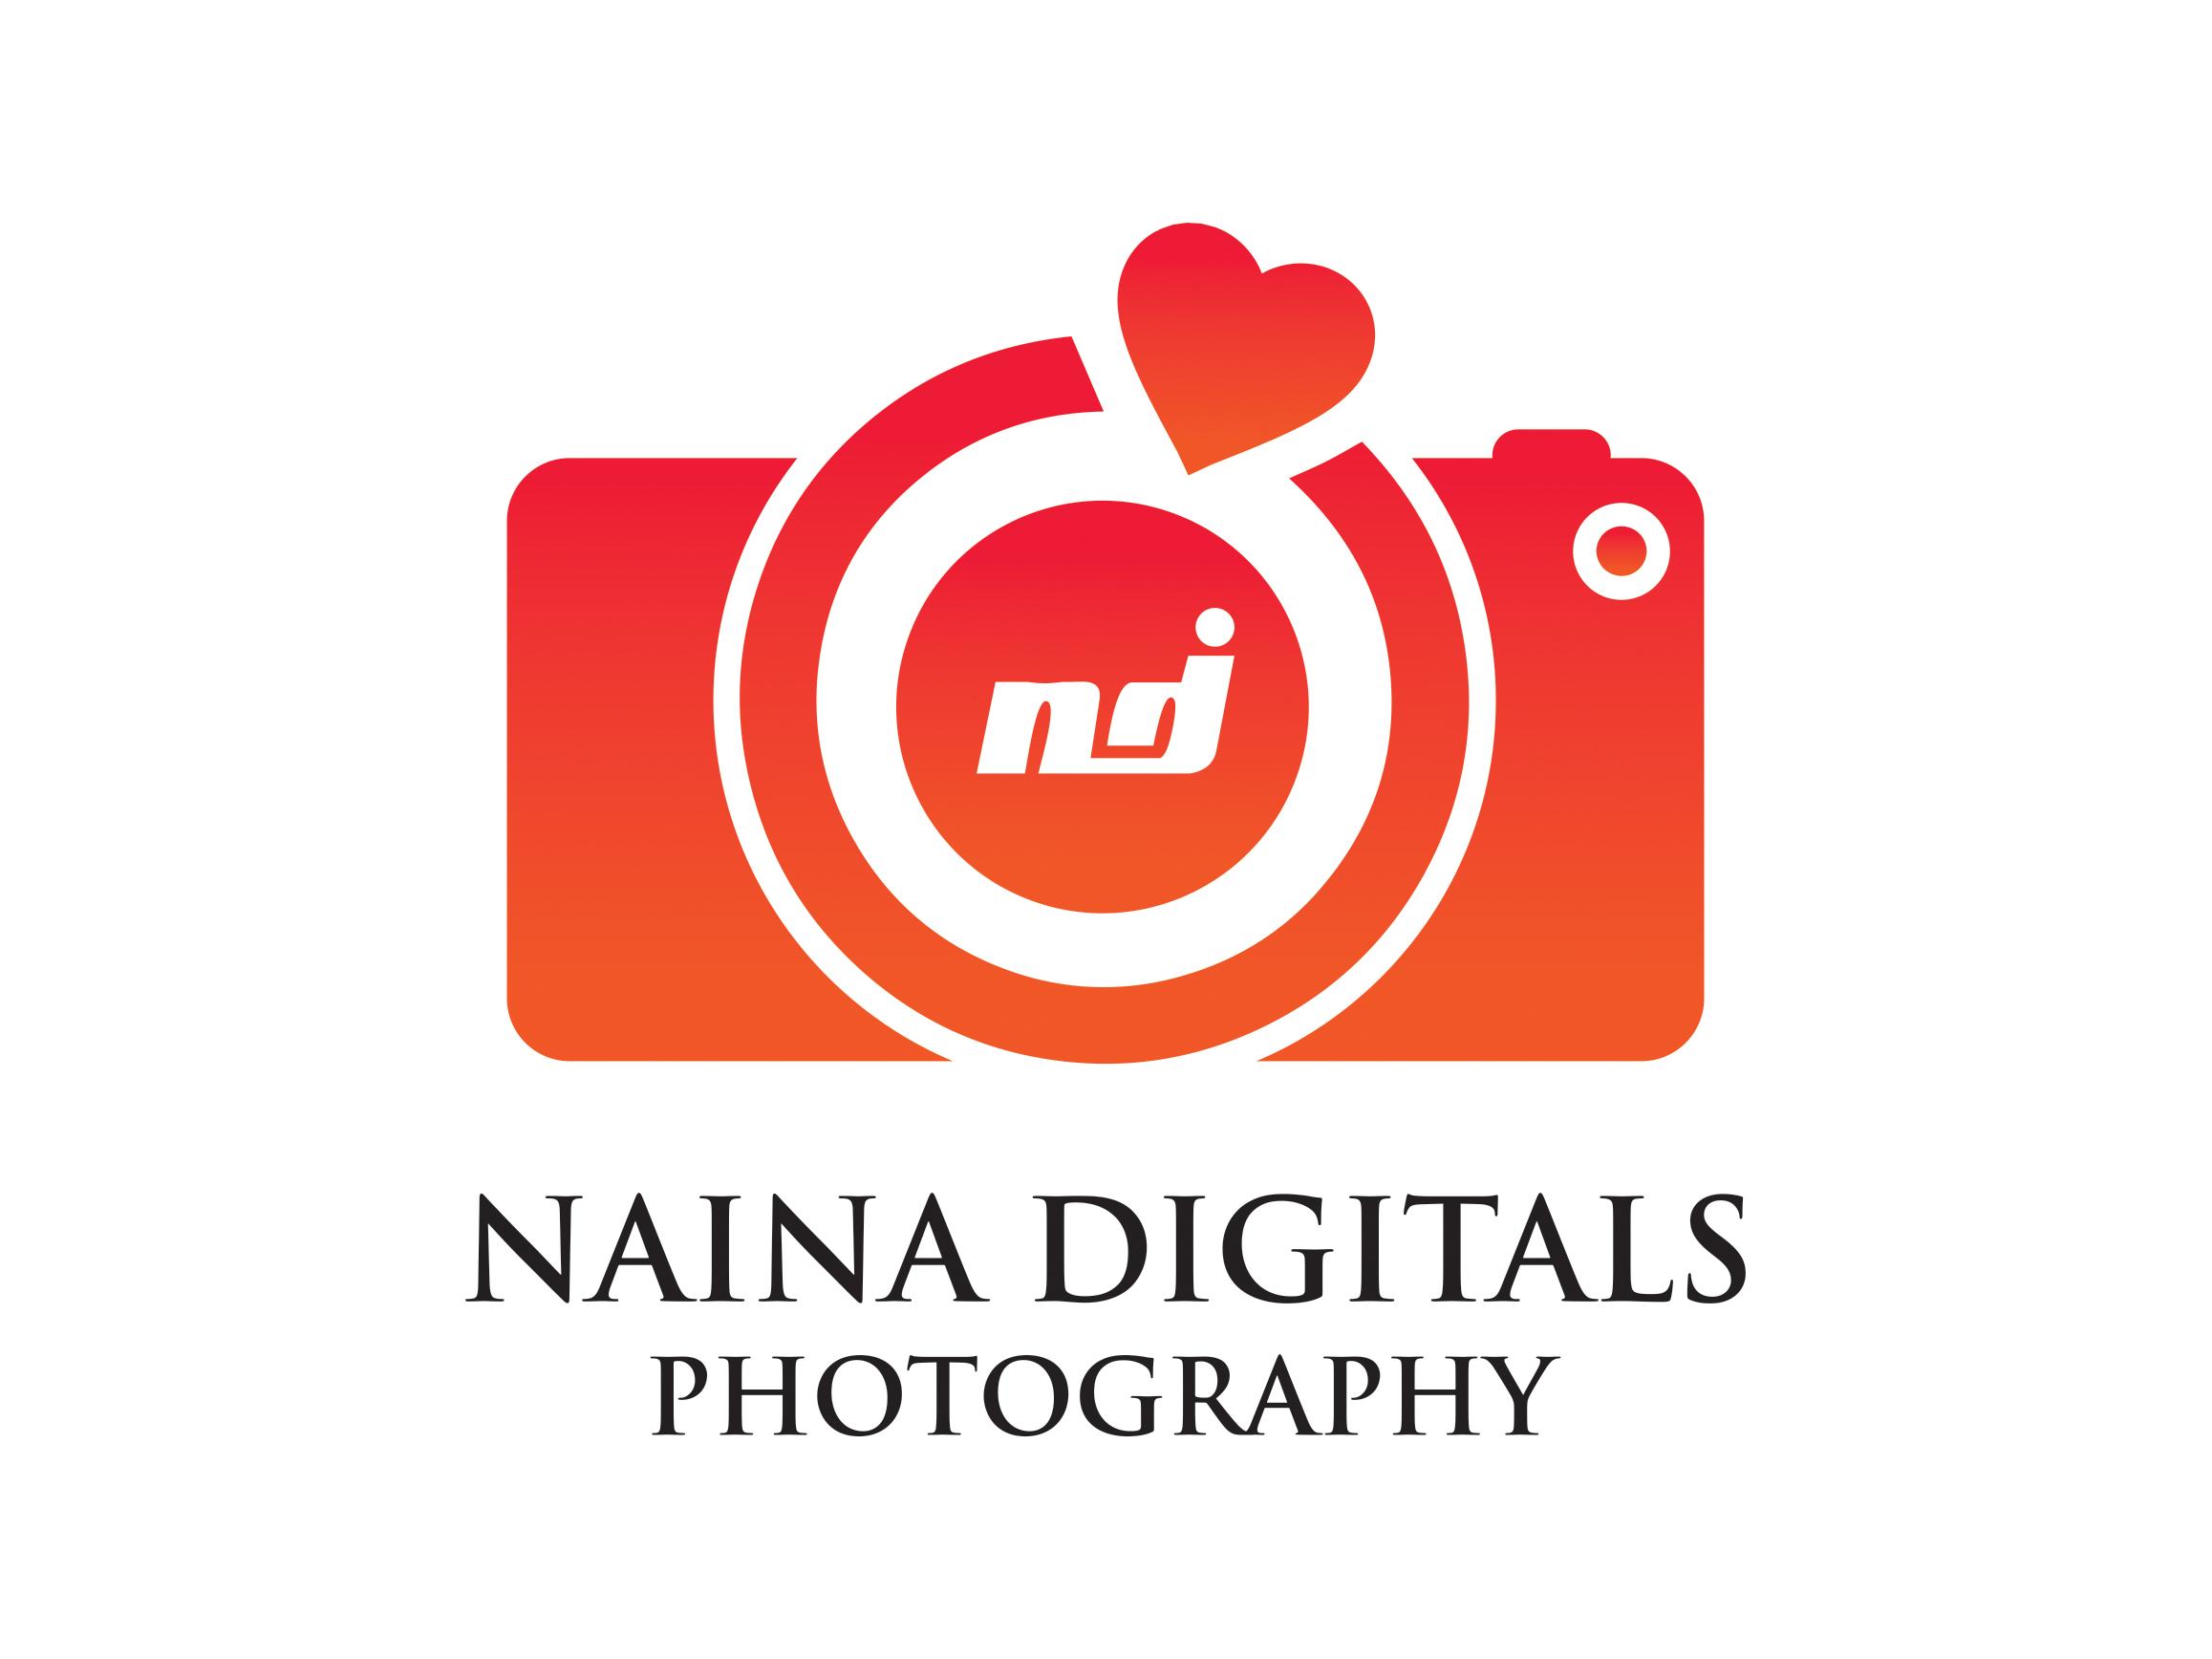 NAINA DIGITALS